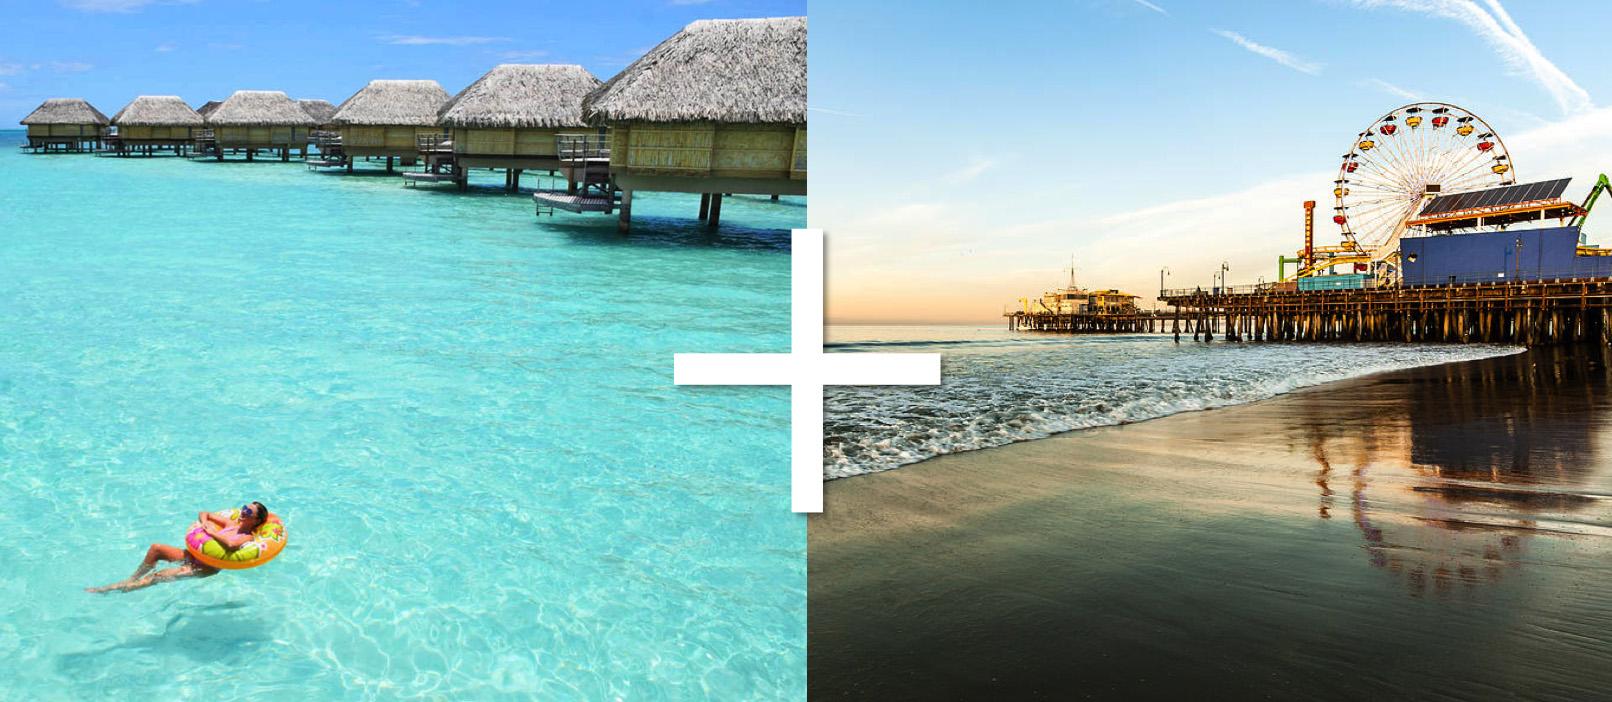 Polinésia Francesa e Califórnia - uma super combinação de destinos!